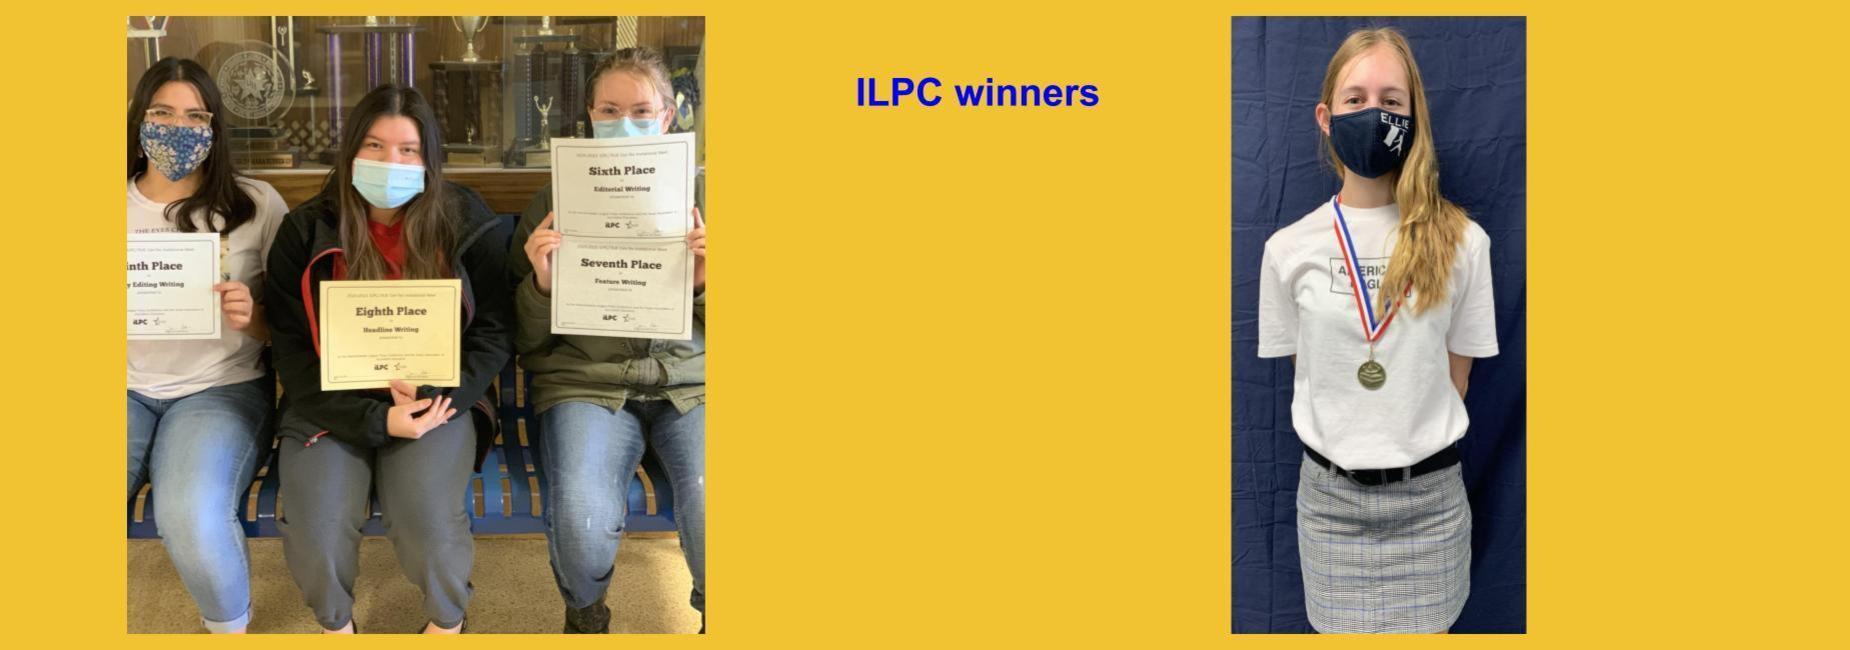 ILPC winners